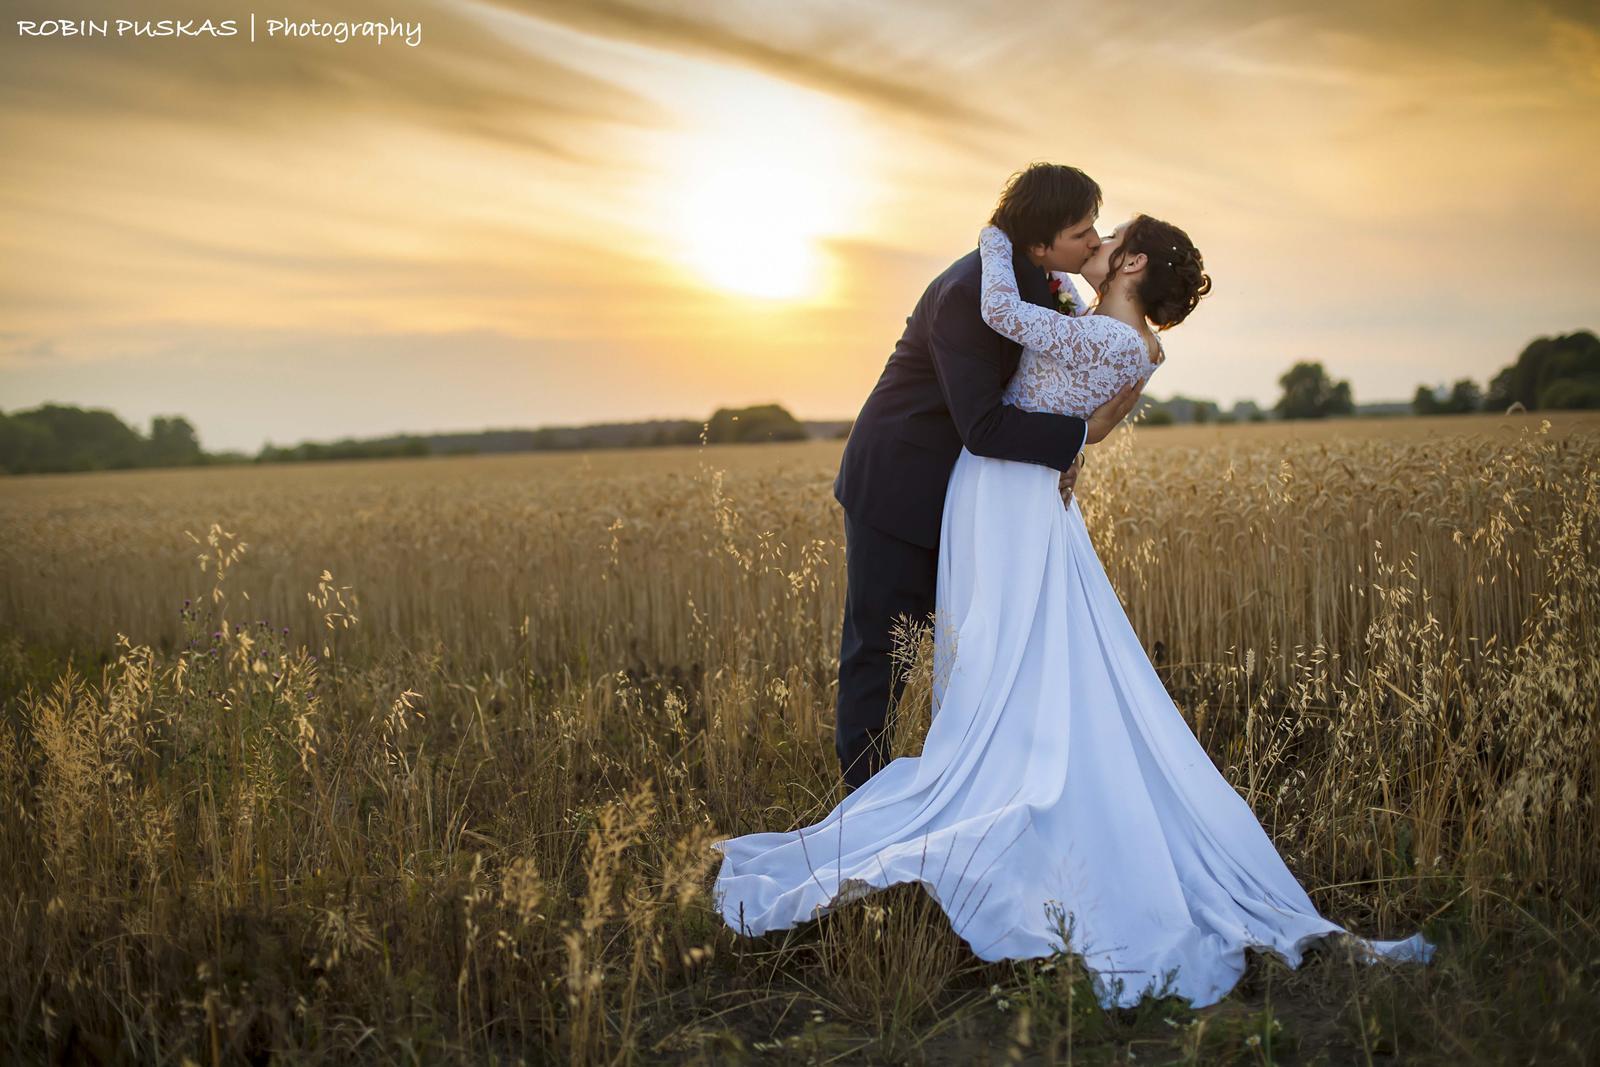 Weddings 👰2019 - Obrázek č. 10